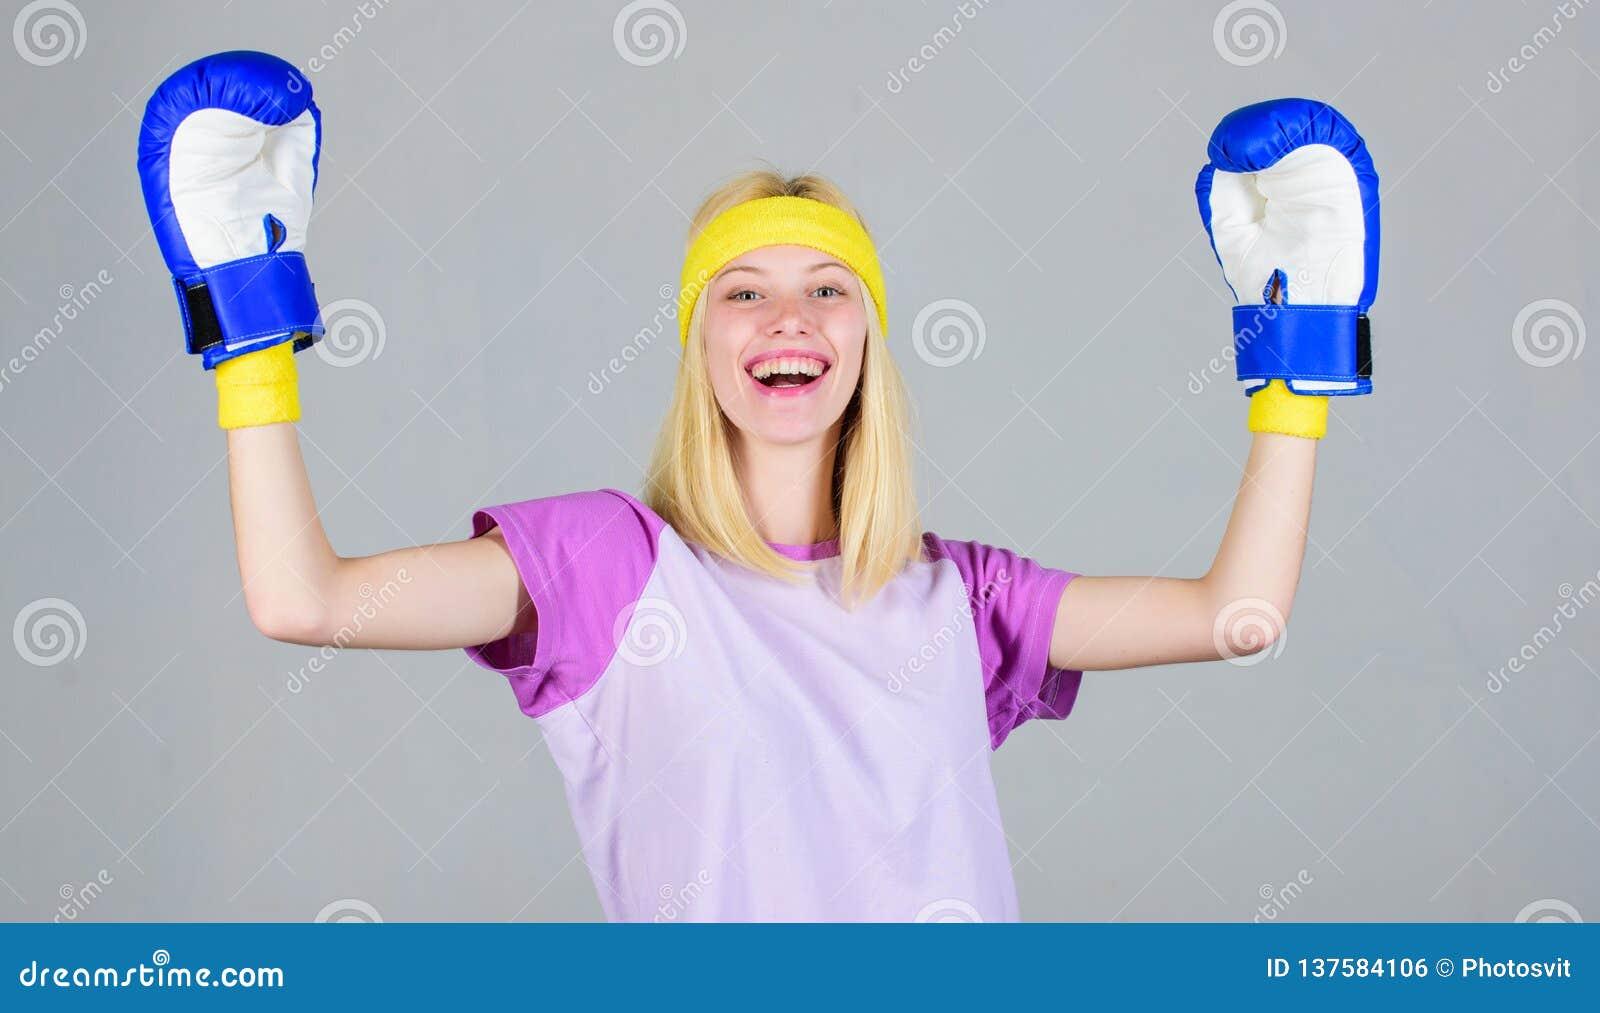 Entrenamiento con saco de boxeo para perder peso